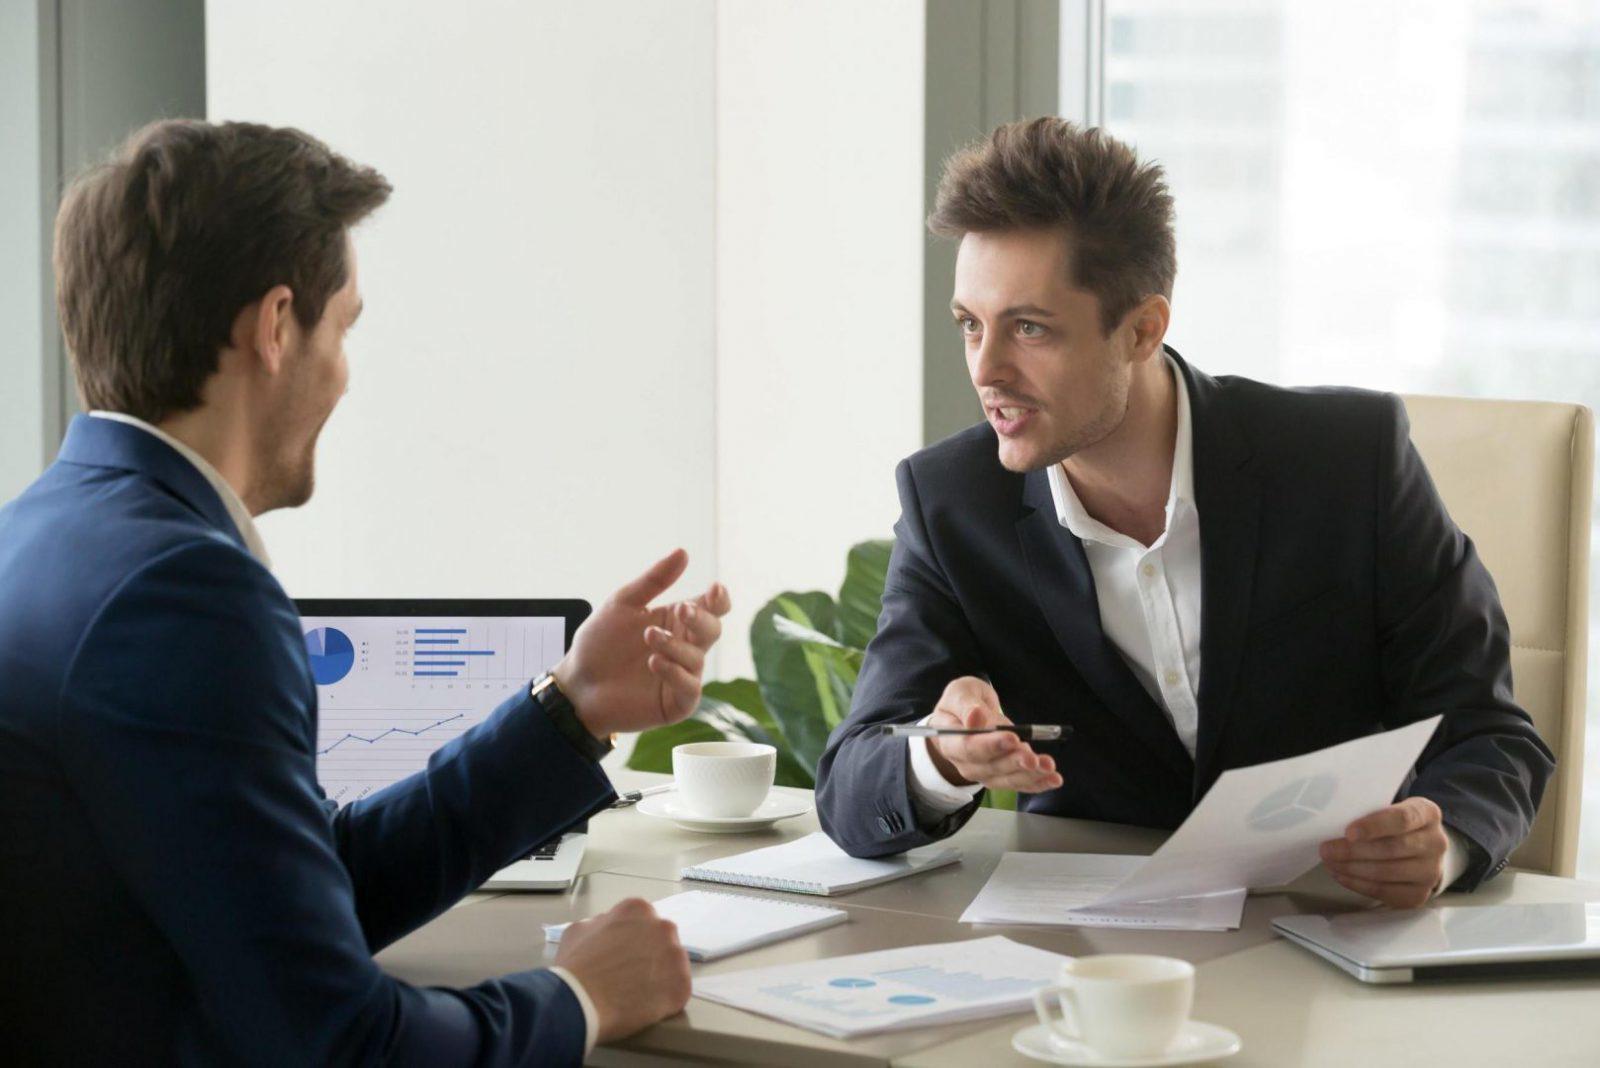 談判不用再拚個你死我活!哈佛大學法商學院30年經典教材,5步驟教你達成雙贏談判